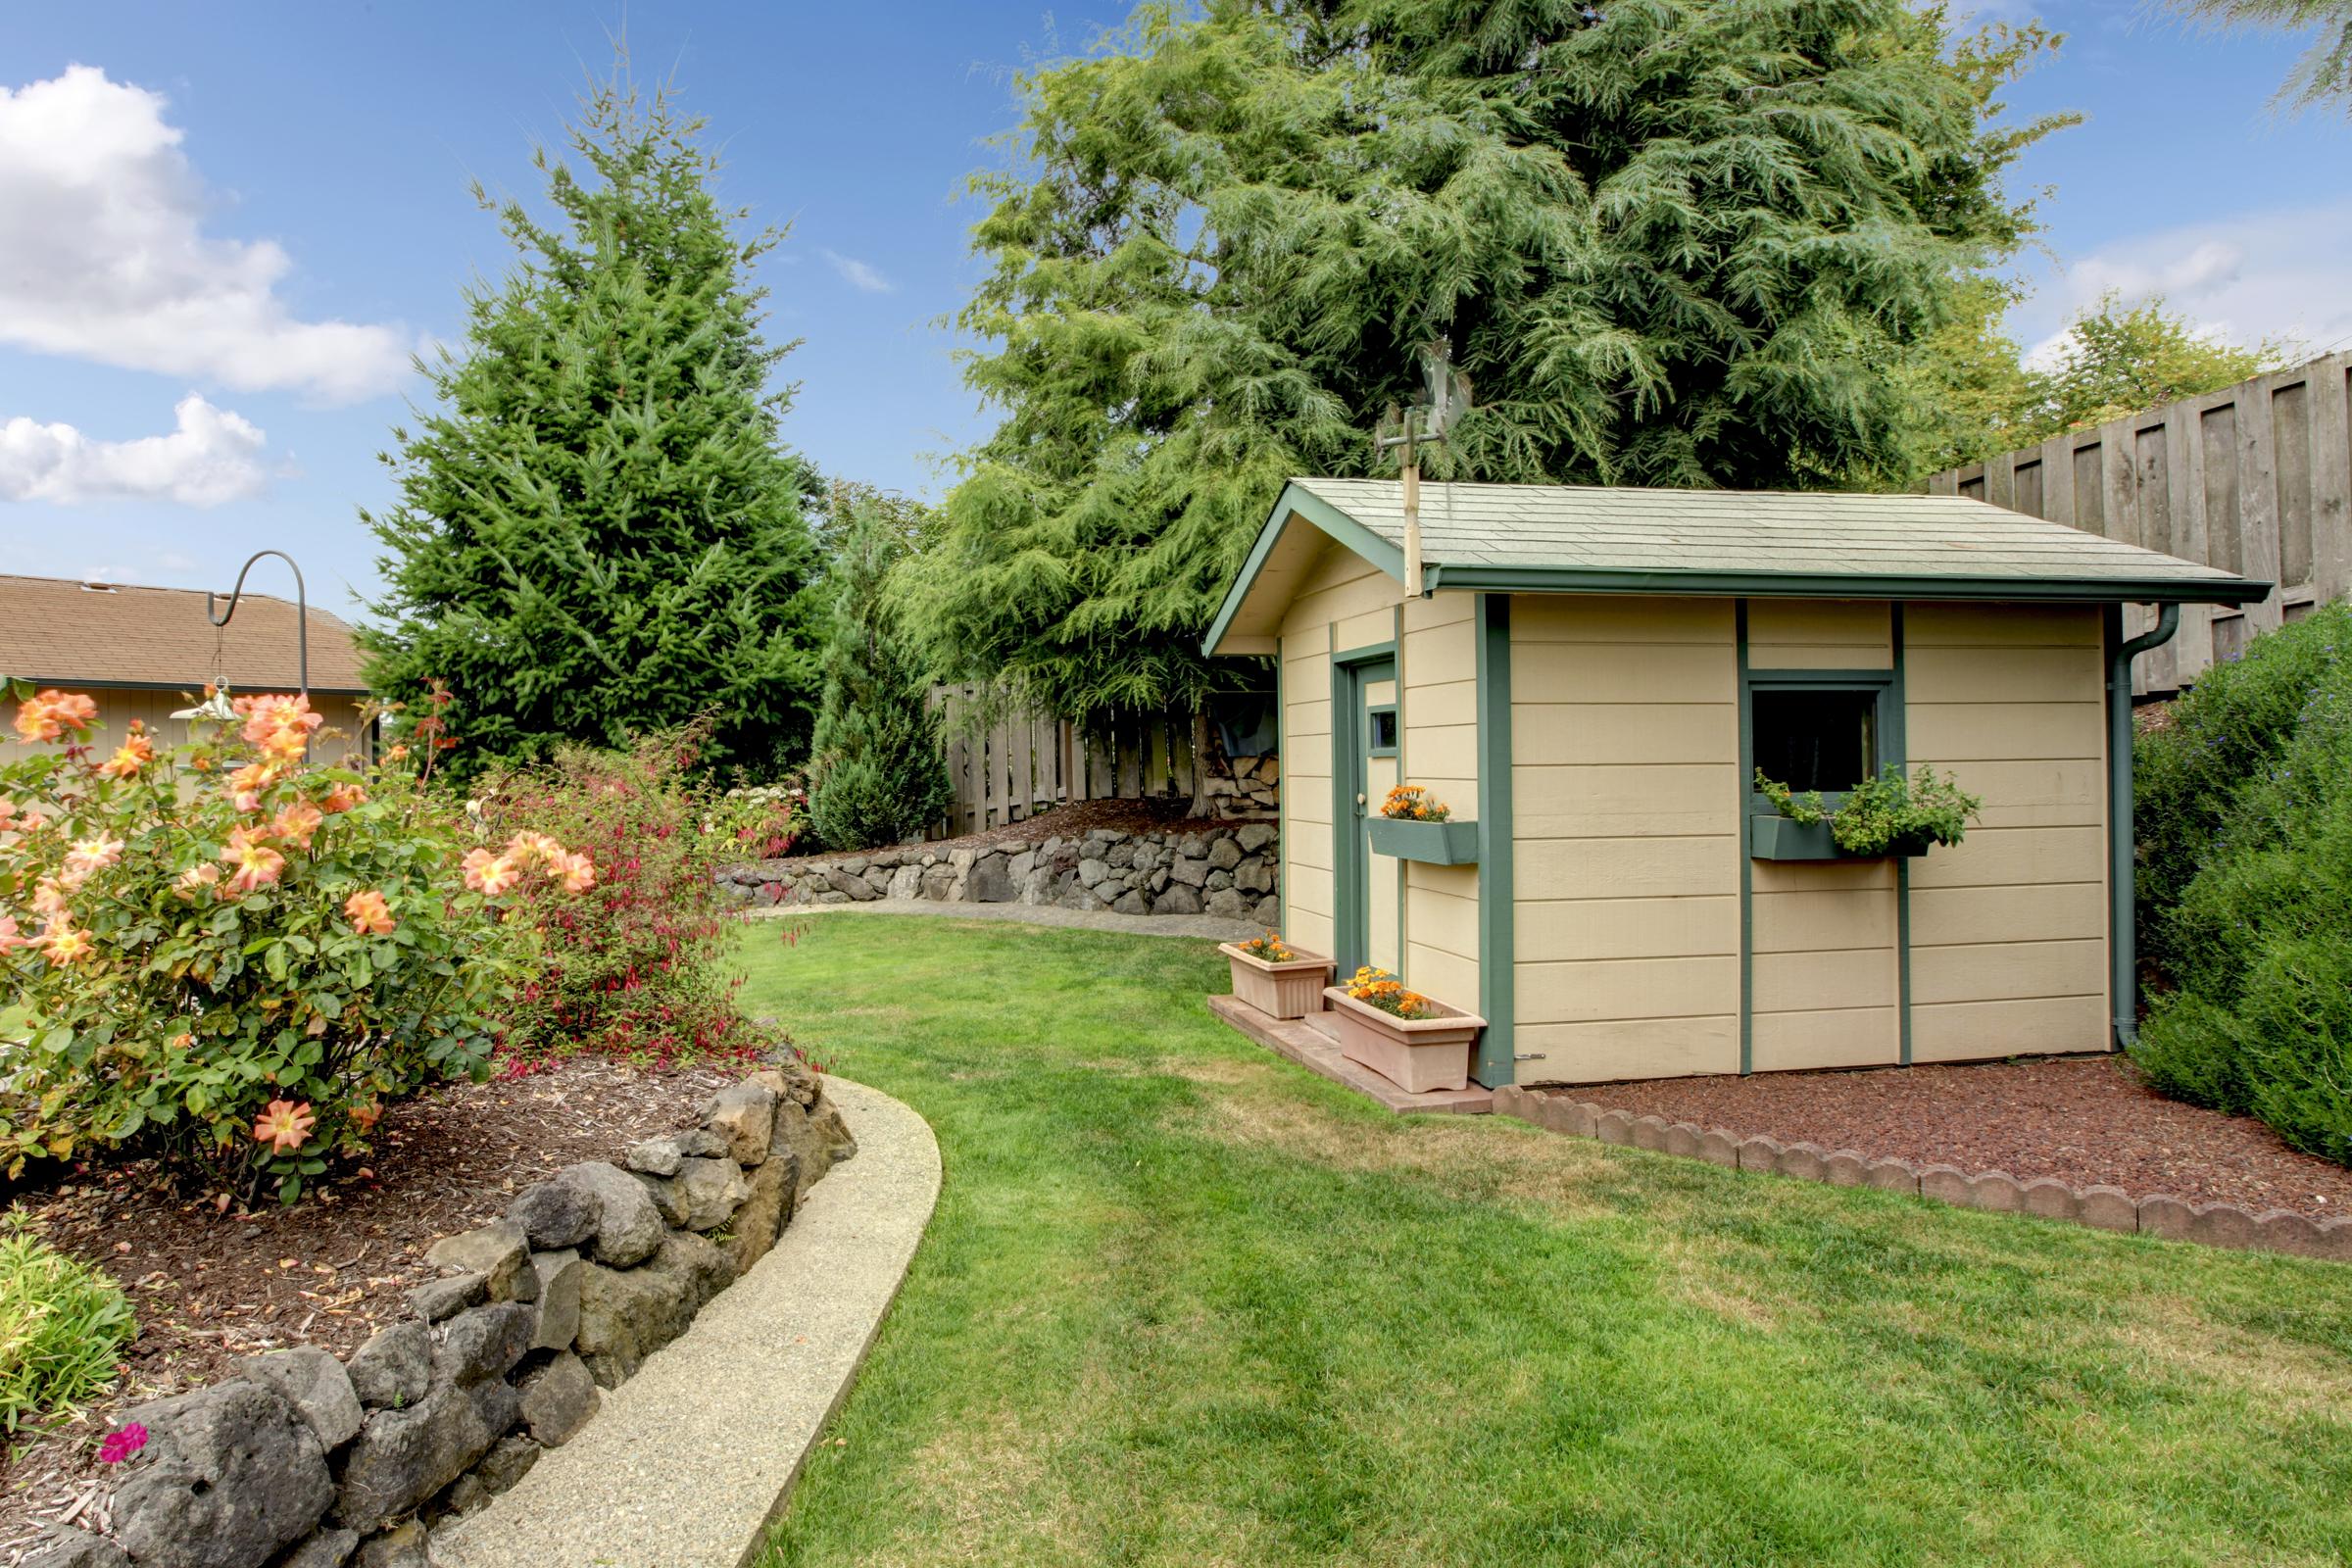 7408e99b2950 Így válassz kerti házat, tárolót a kertednek és igényeidnek megfelelően!